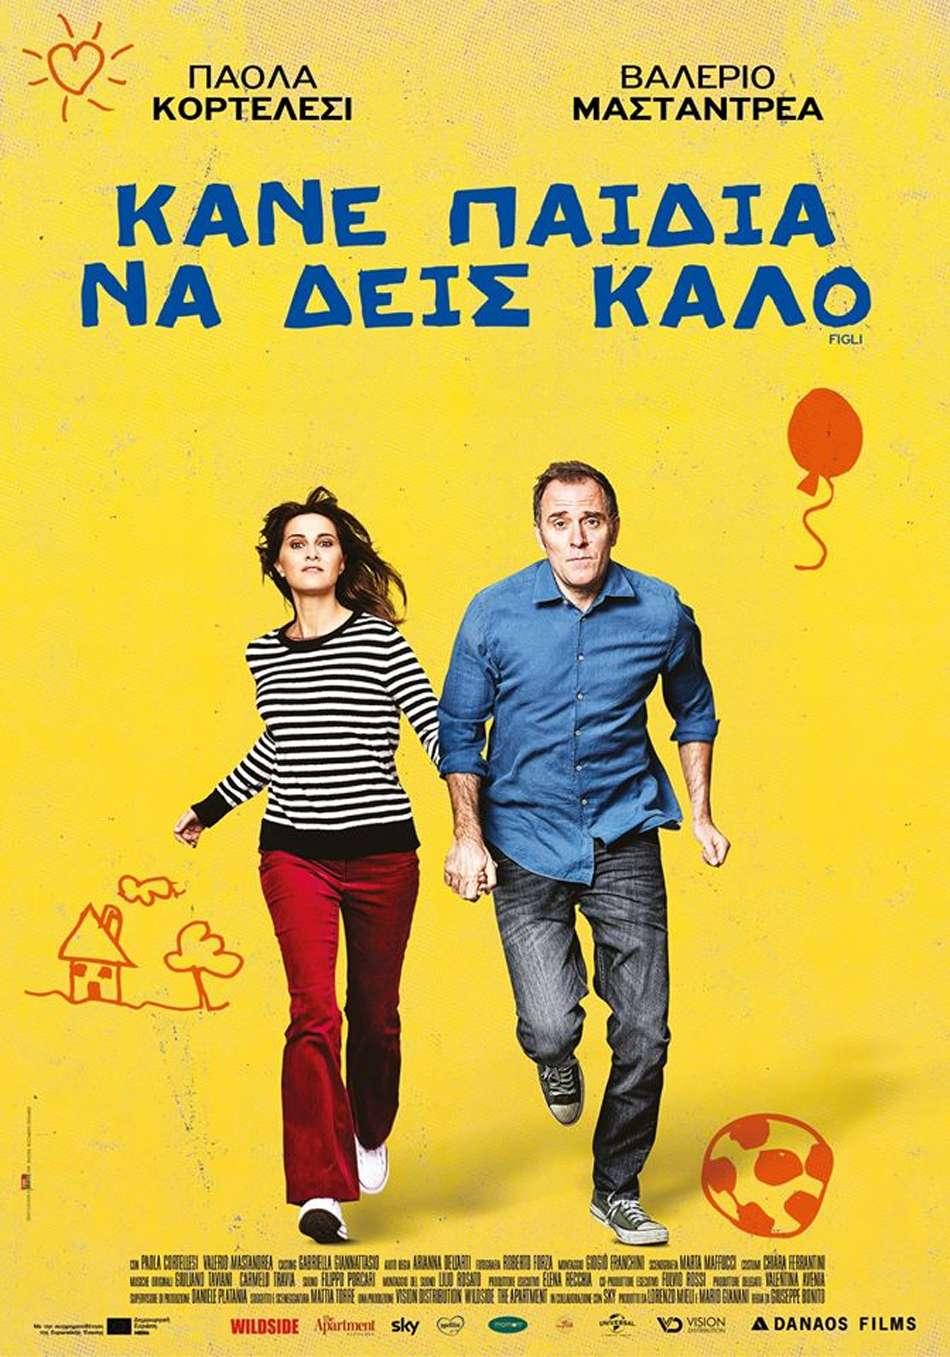 Κάνε Παιδιά να Δεις Καλό (Figli) Poster